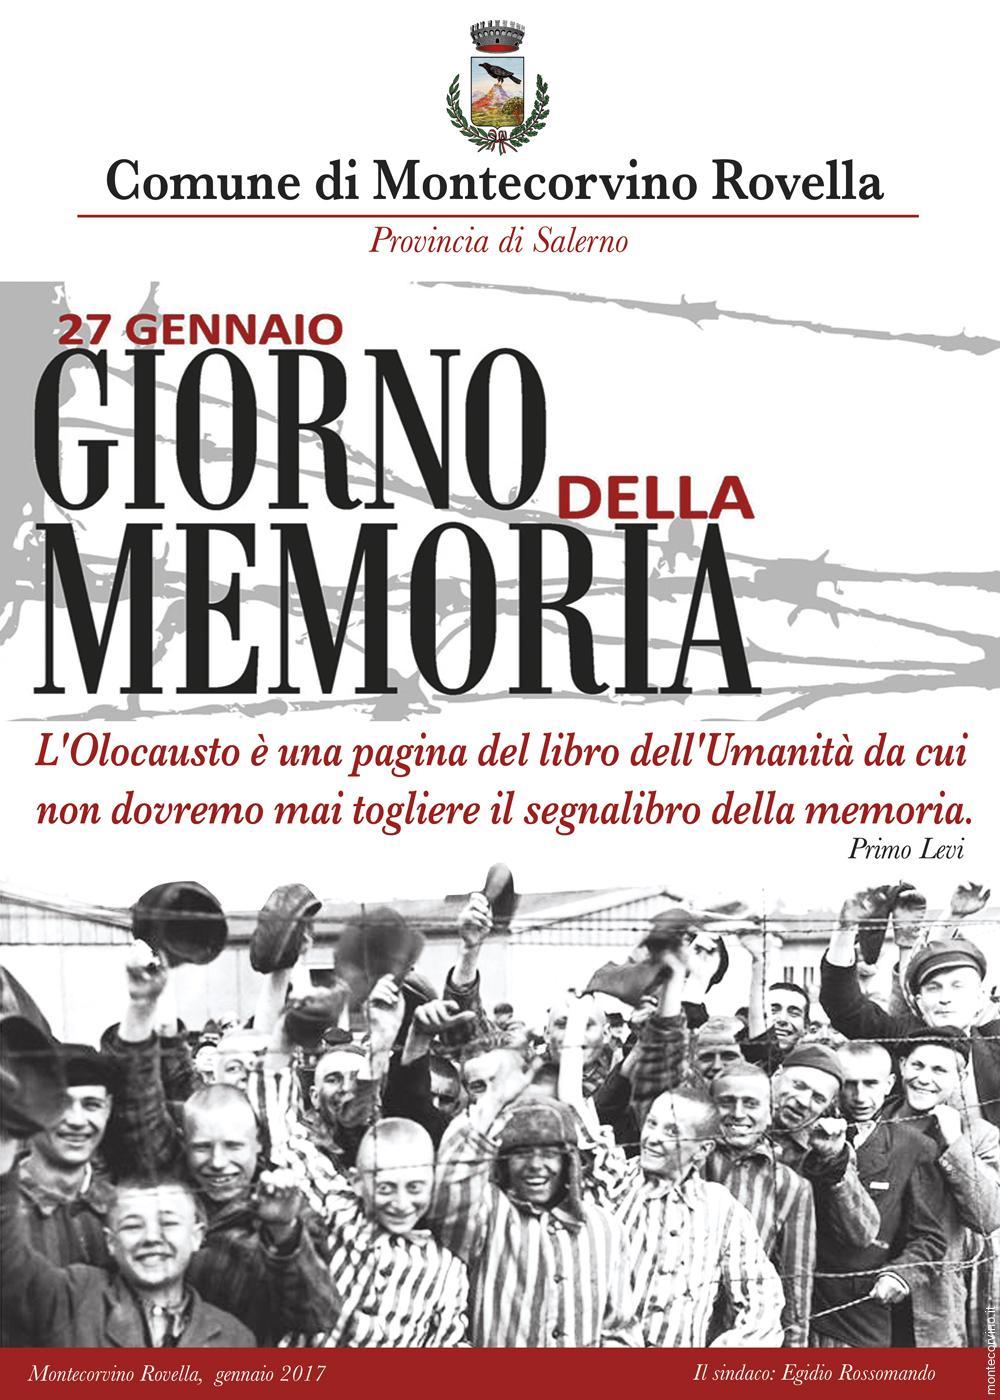 27 GENNAIO – Giorno della Memoria